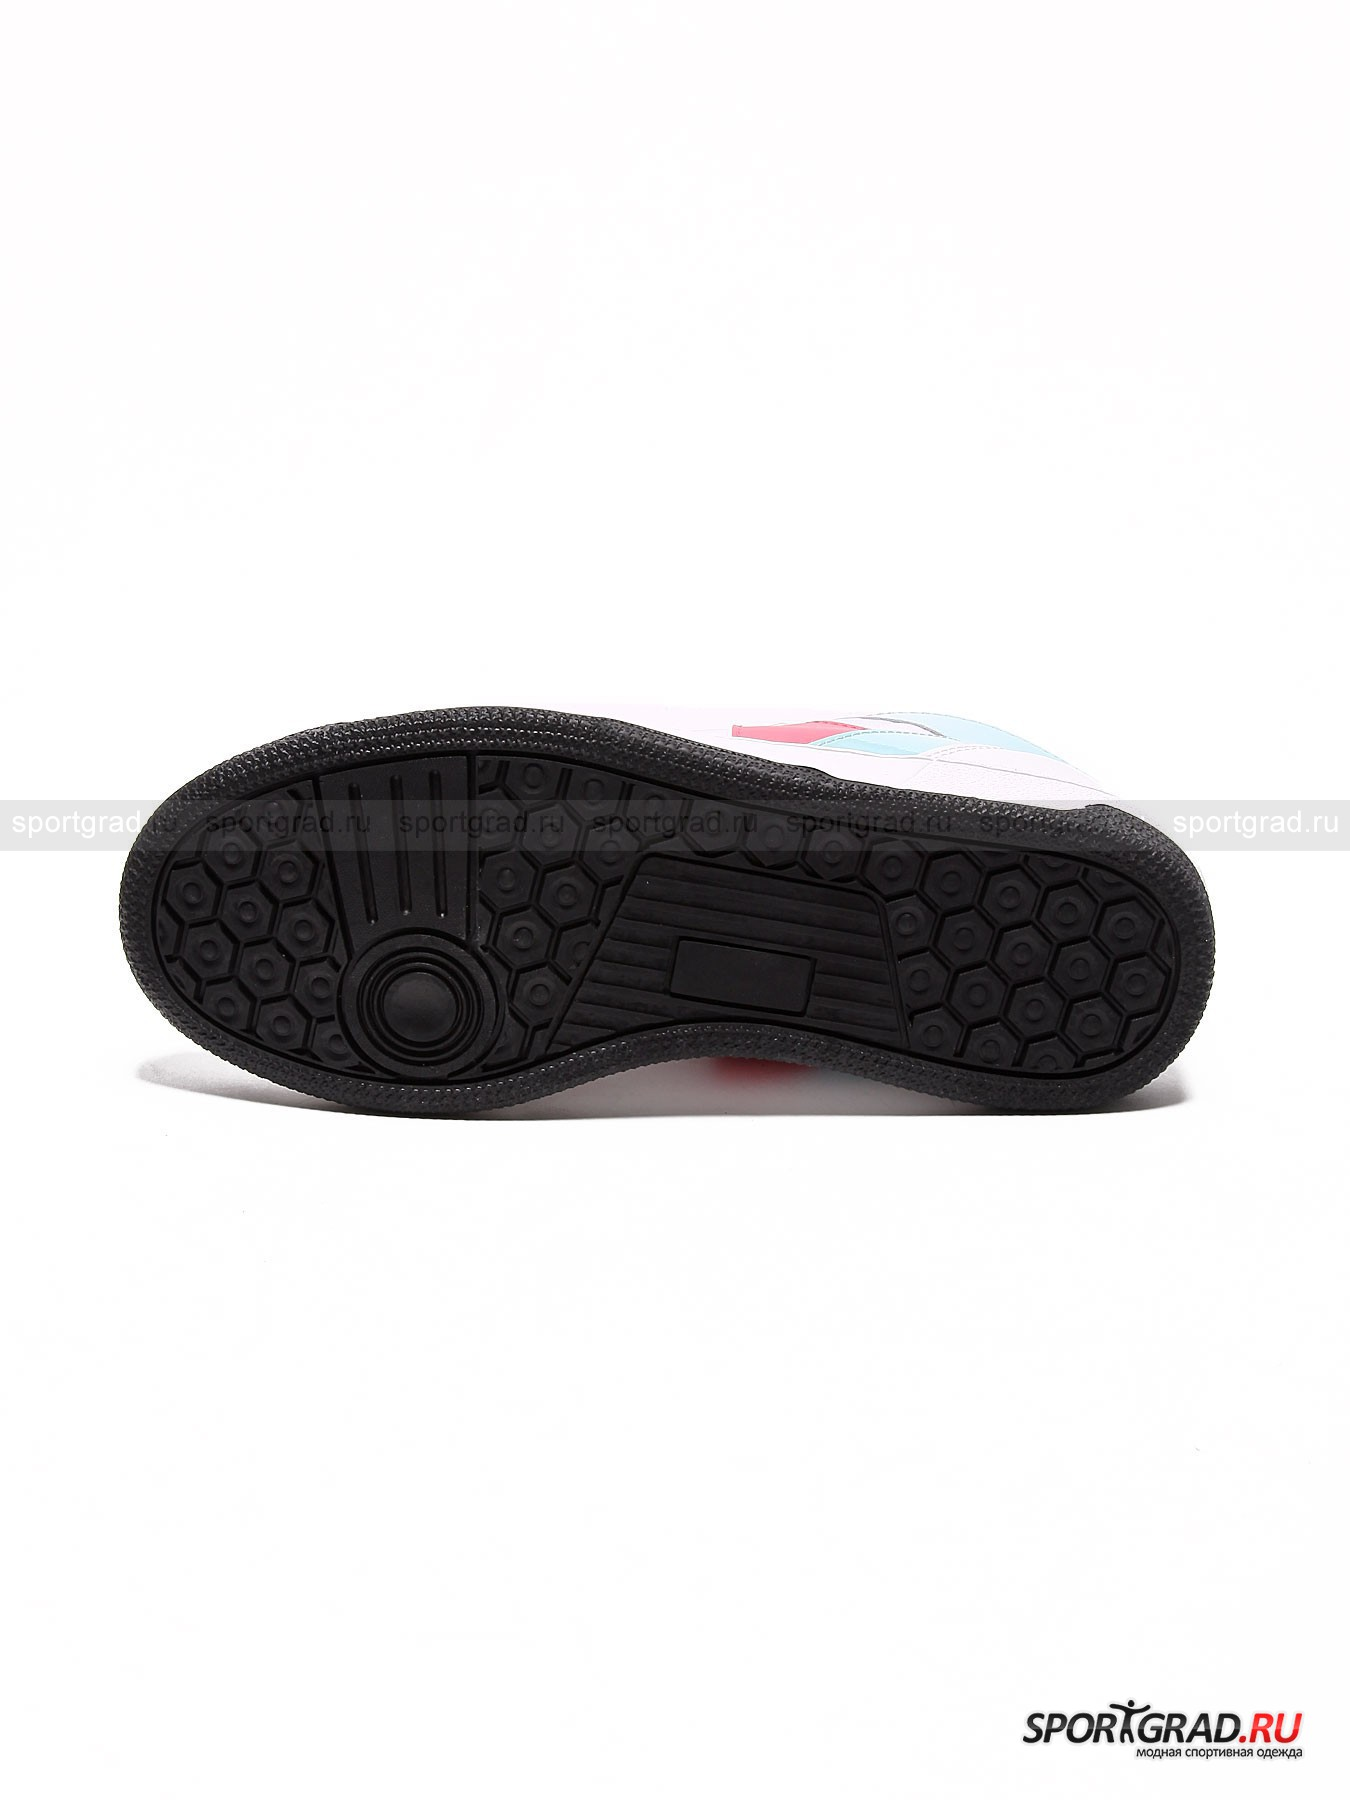 Обувь EMPORIO ARMANI 7 COLOURS от Спортград